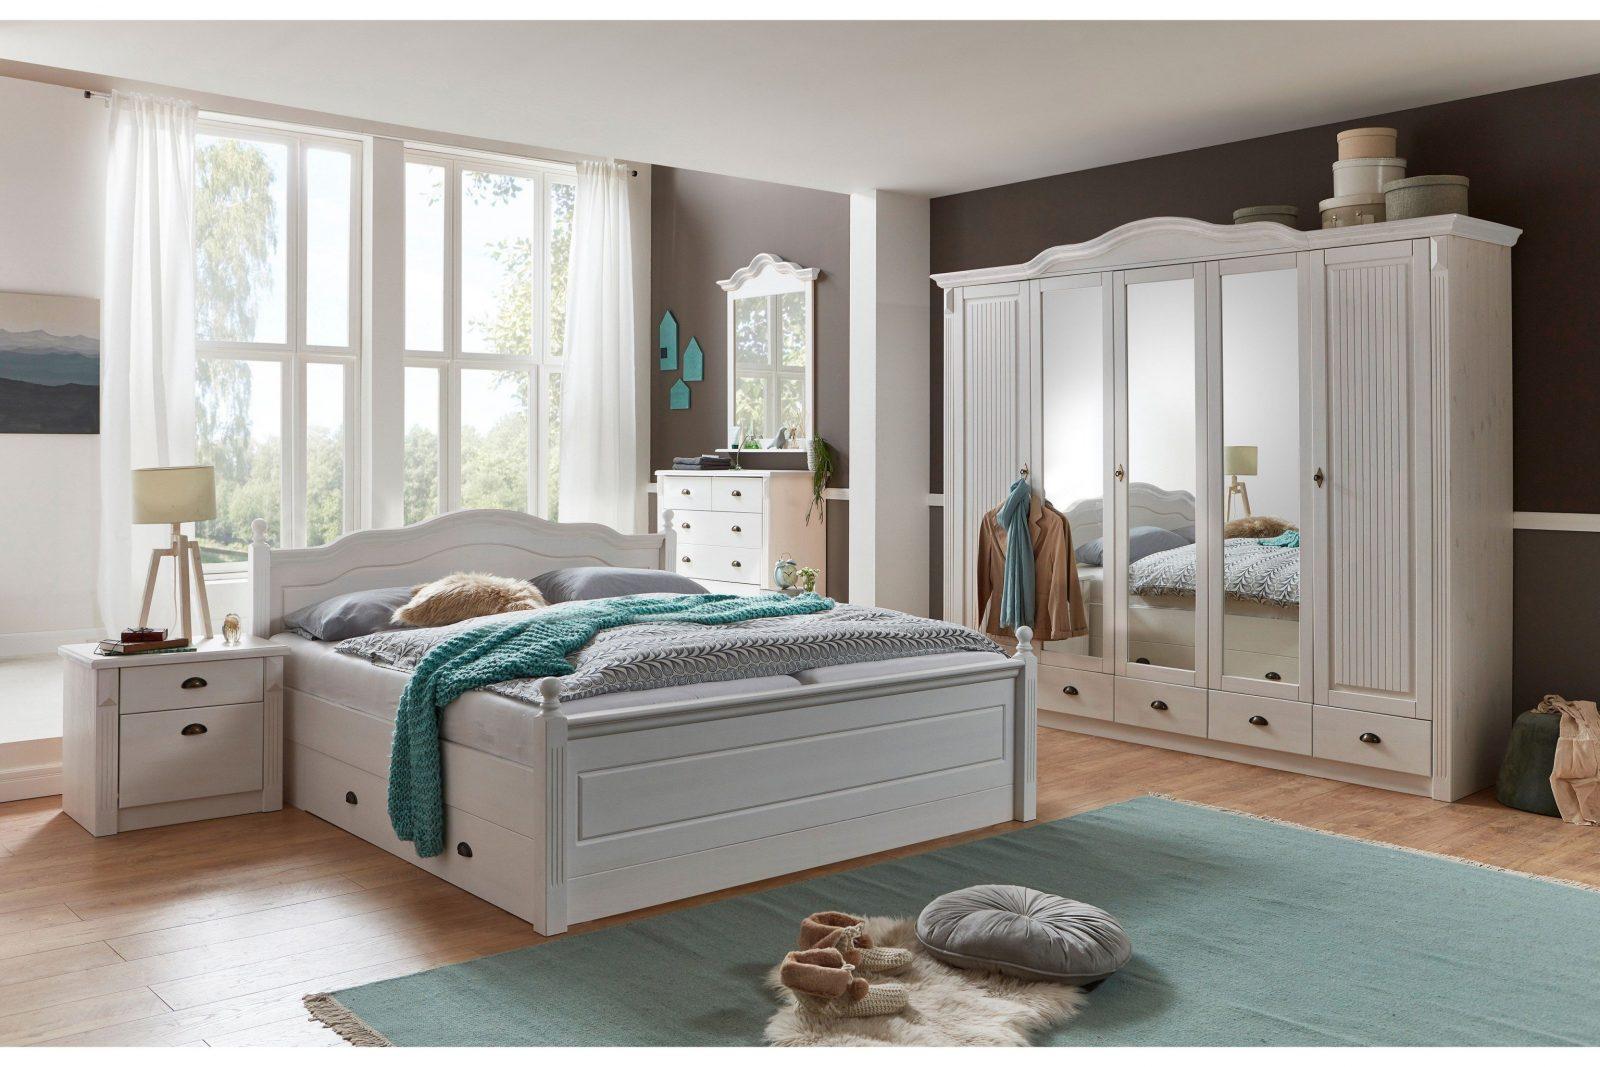 Jumek Inga Schlafzimmerset Kiefer Weiß  Möbel Letz  Ihr Onlineshop von Schlafzimmer Im Landhausstil Weiß Photo